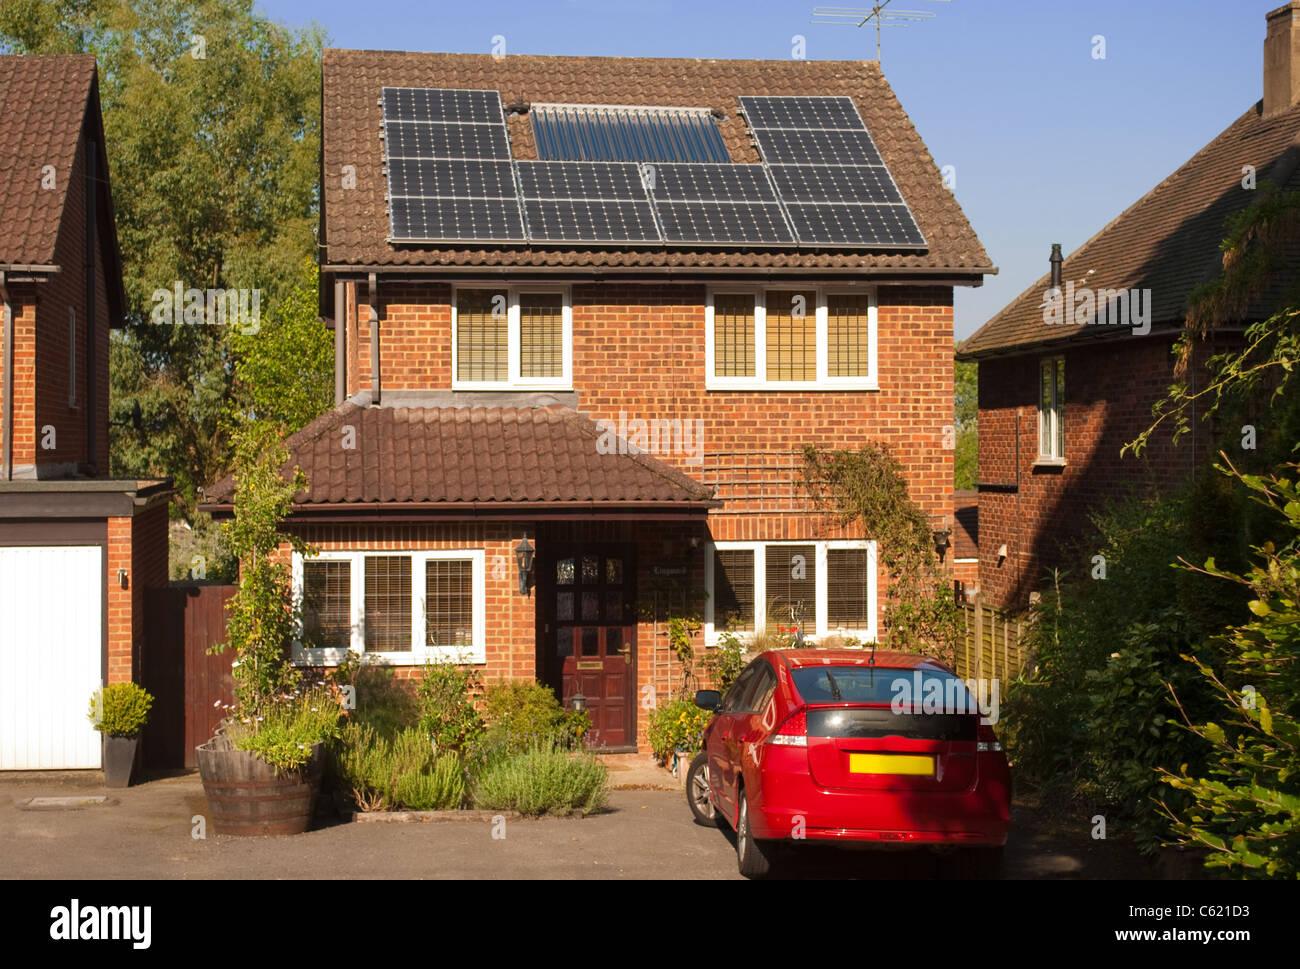 Paneles solares en el techo de la casa con sistema de energía regenerativa. Imagen De Stock